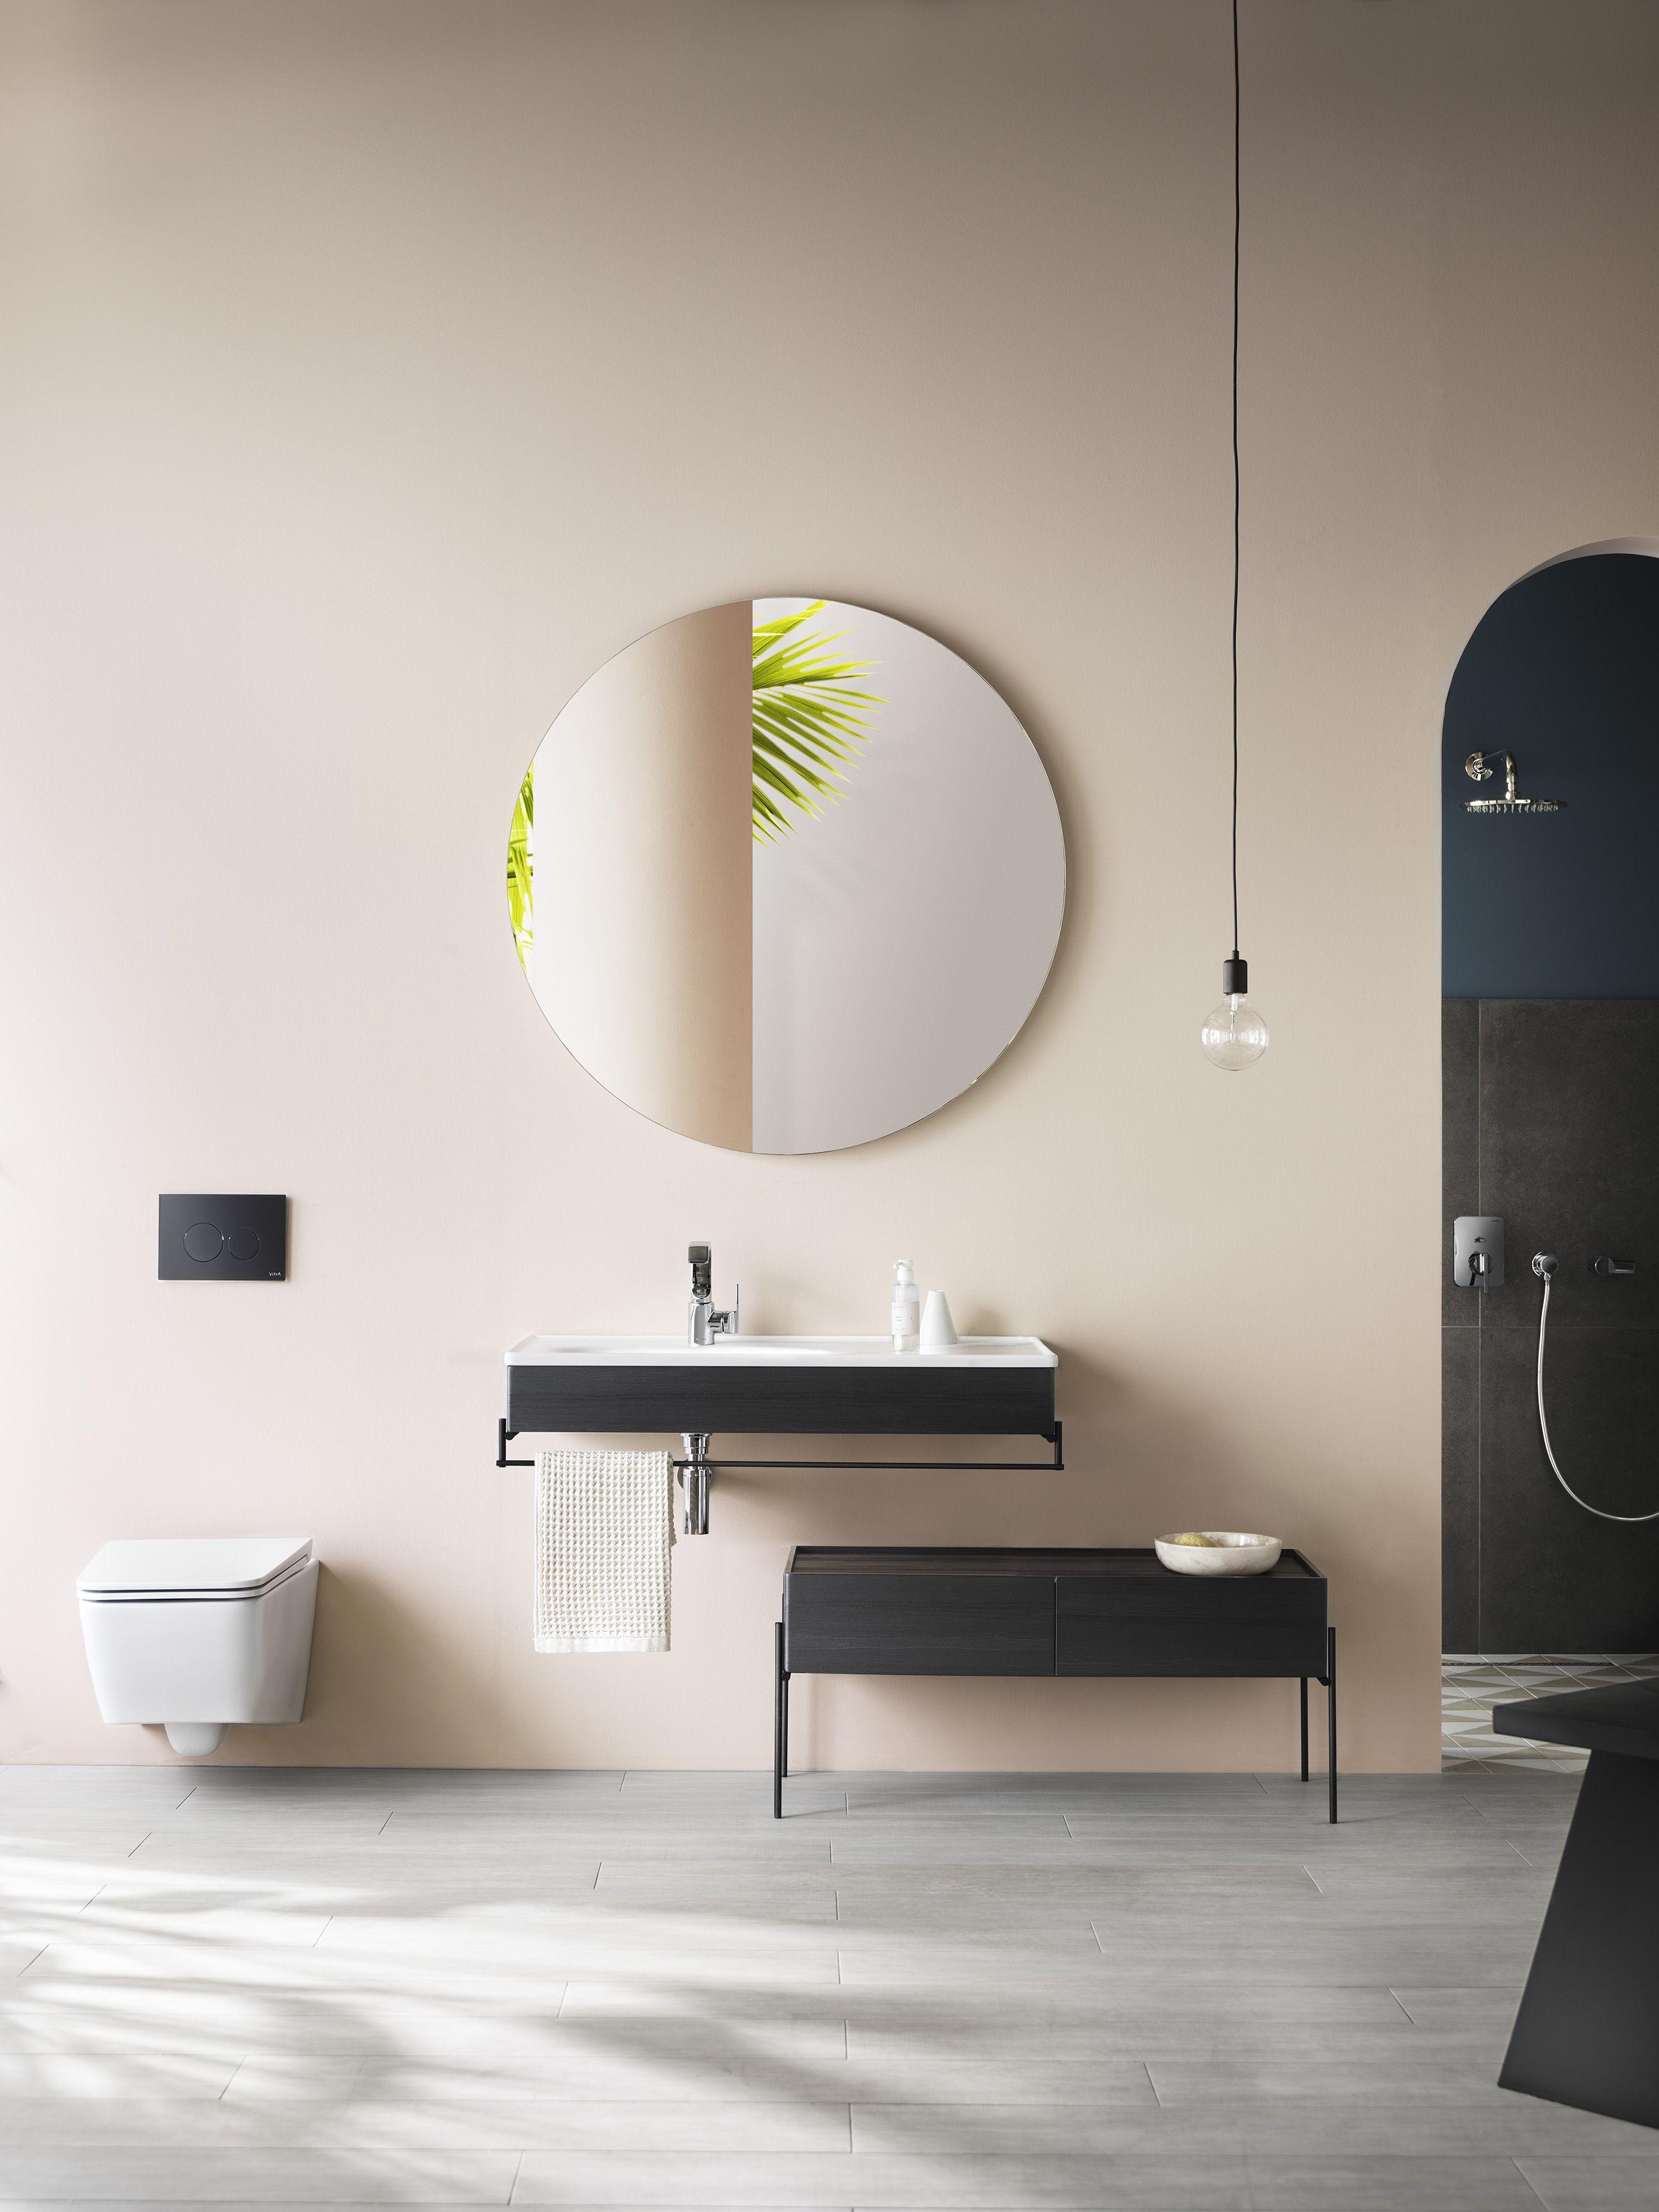 Pin On Indoordesign